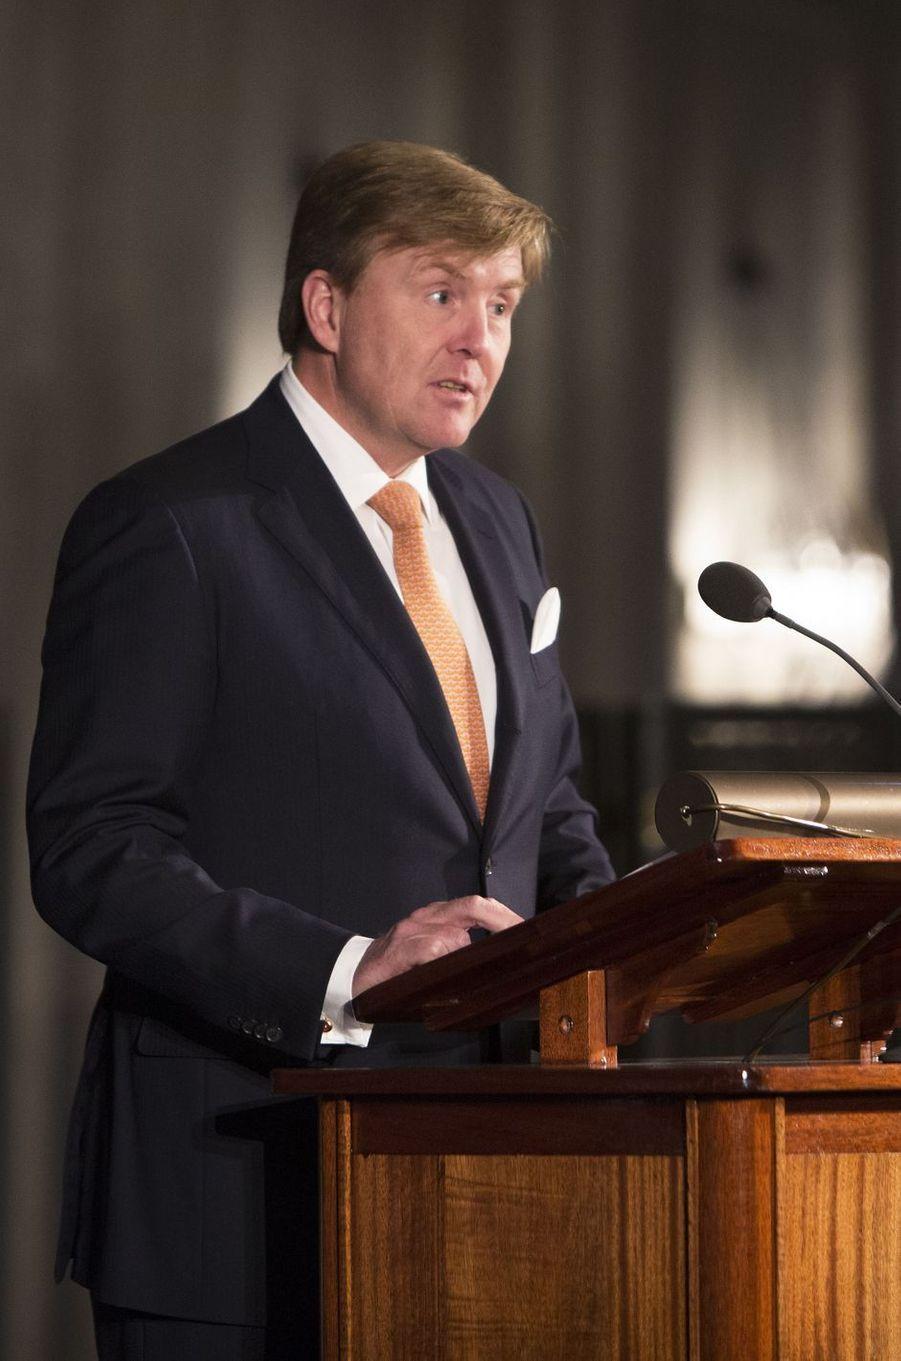 Le roi Willem-Alexander des Pays-Bas à Amsterdam, le 27 novembre 2018